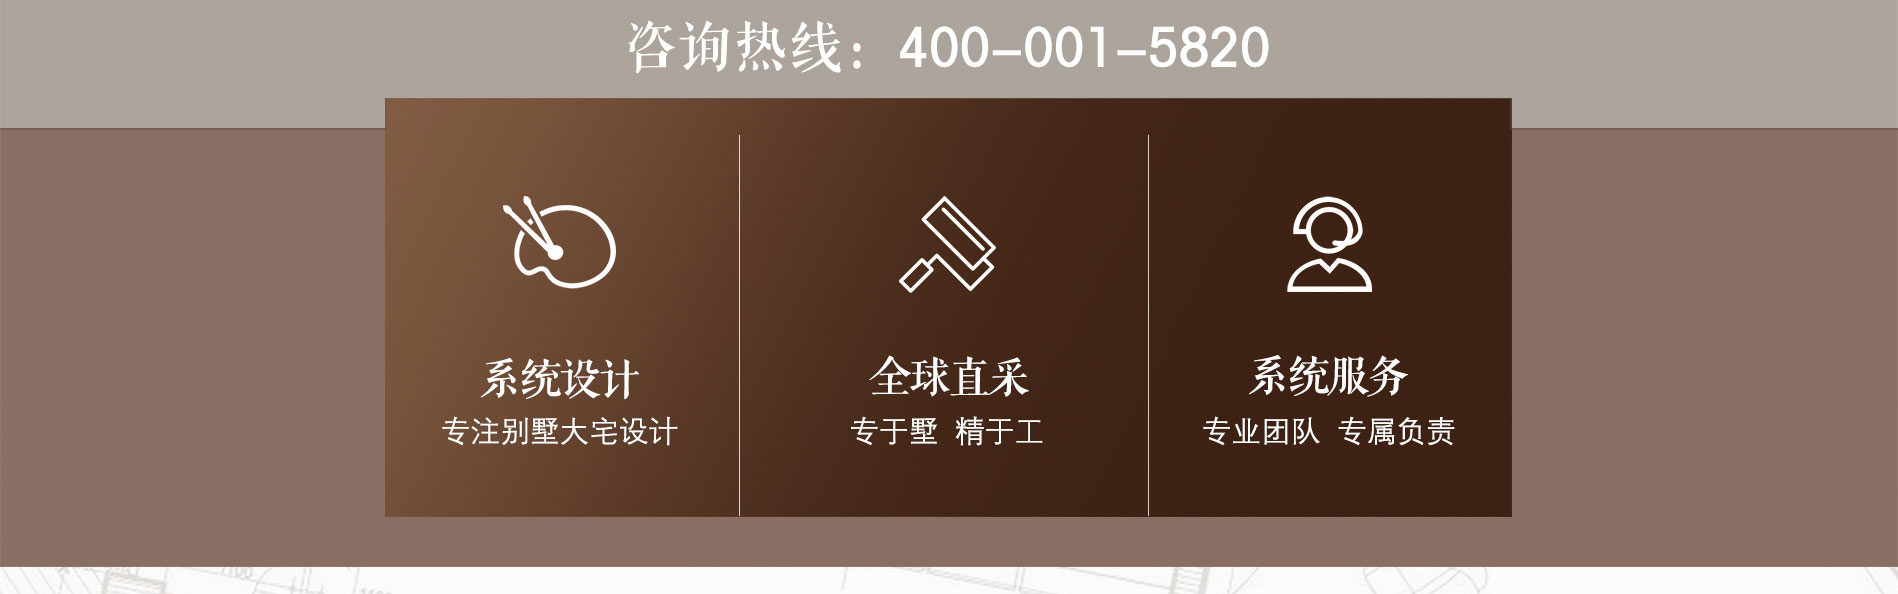 杭州软装公司